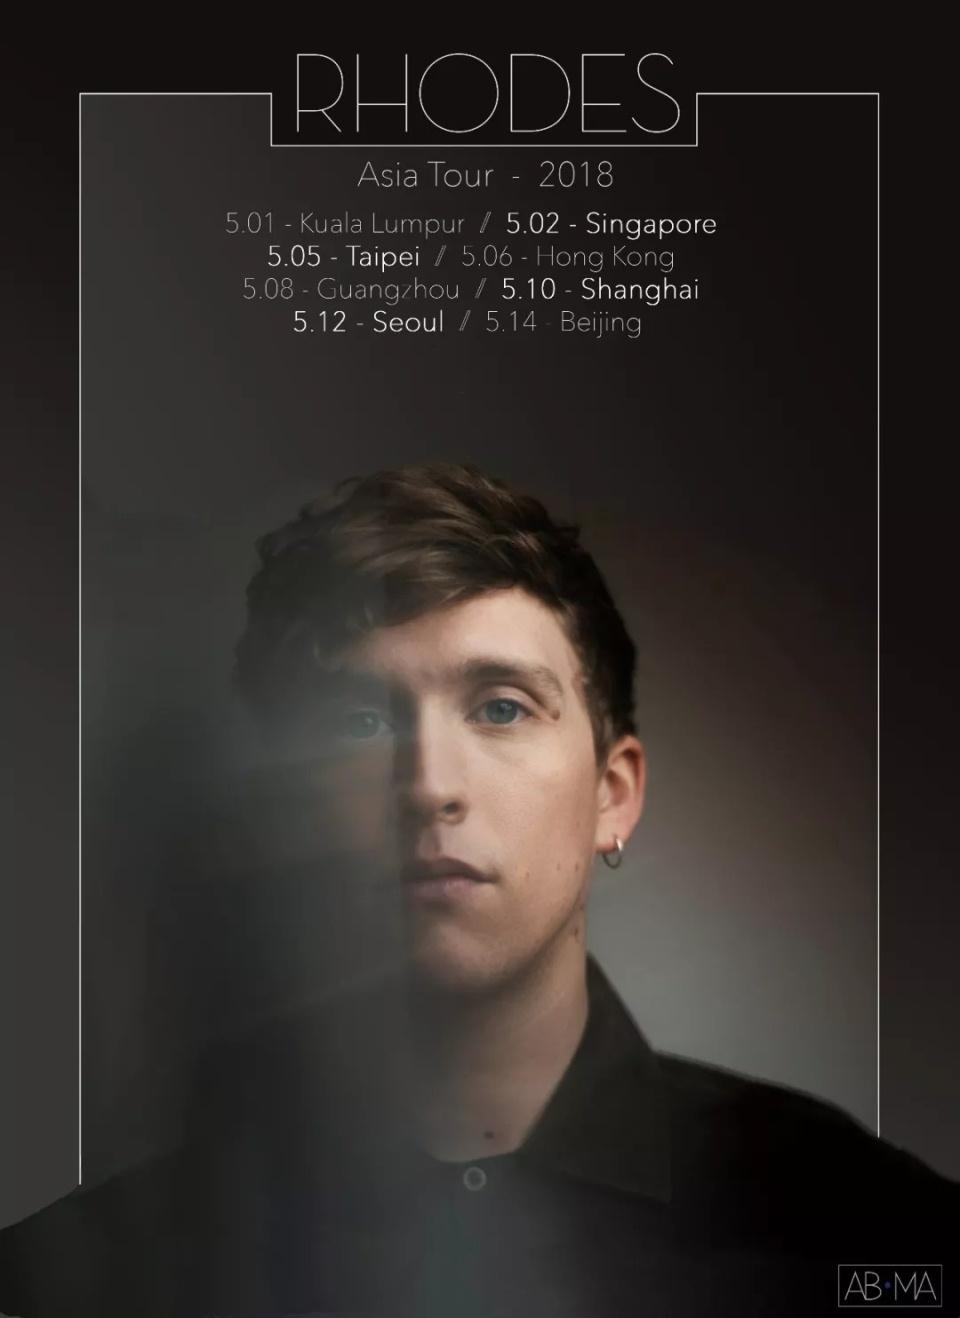 folk-singer-rhodes-2018-china-tour-poster